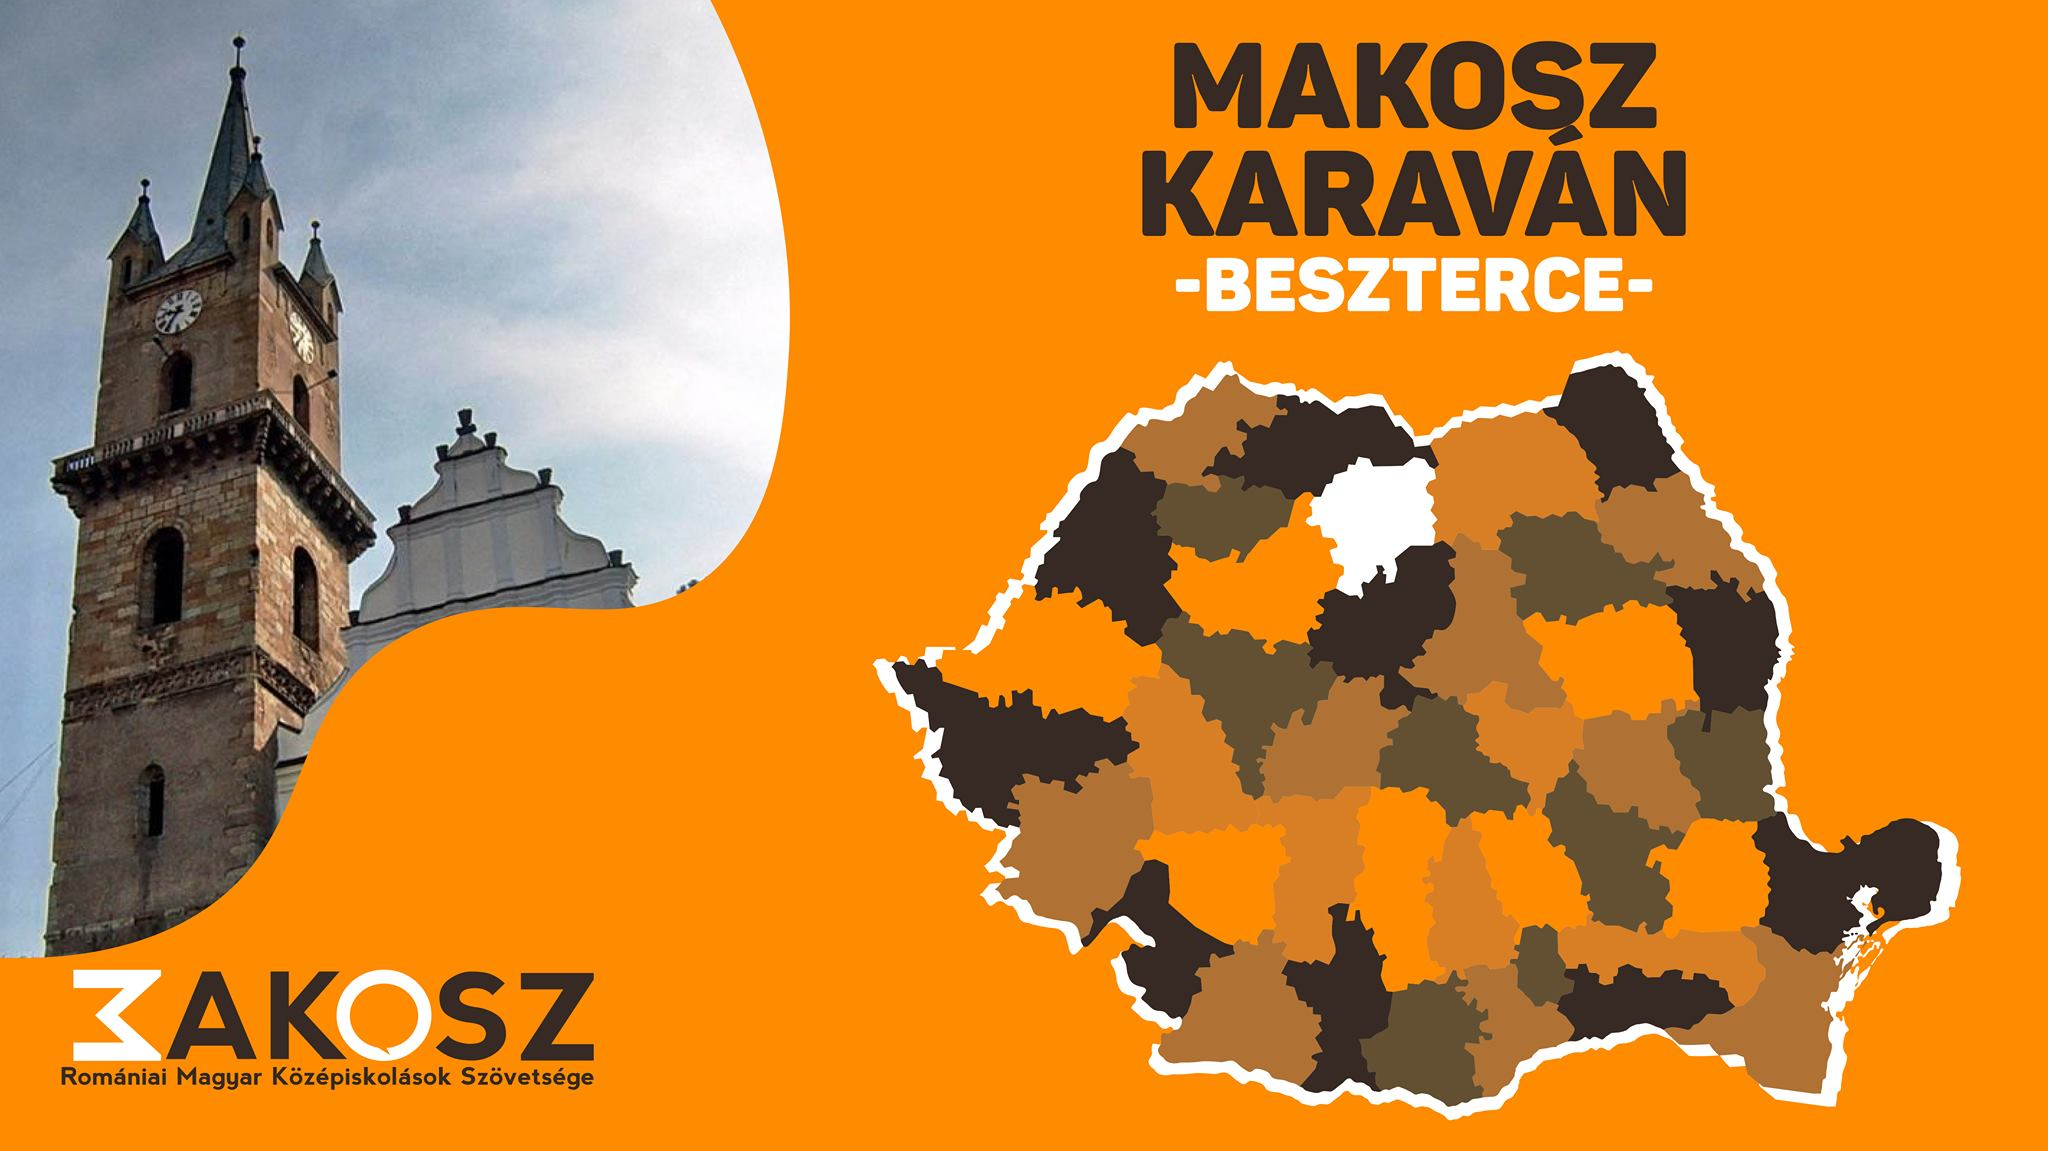 Elstartolt a MAKOSZ Karaván!